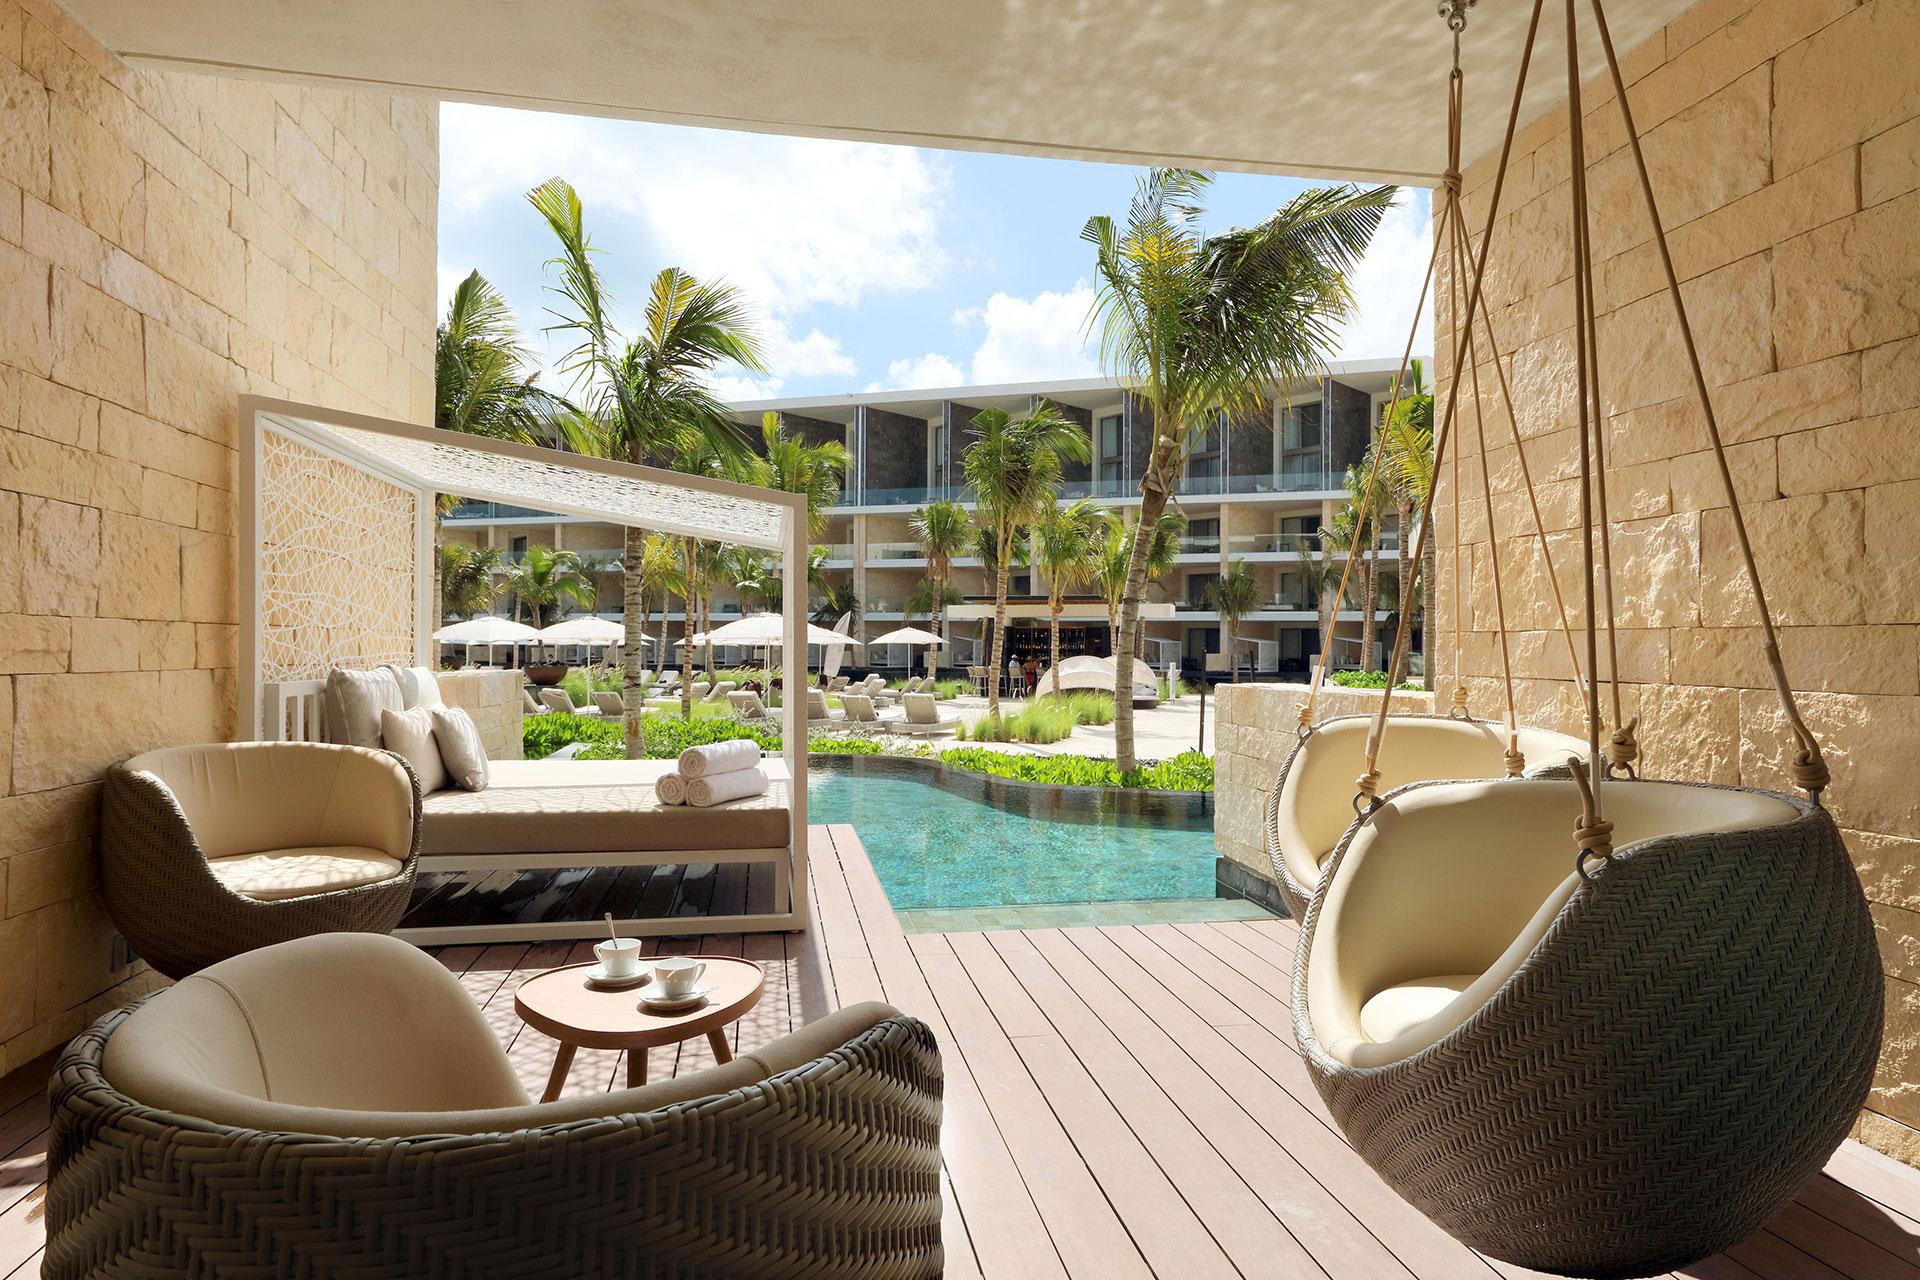 Swim-Up Suites at Grand Palladium Costa Mujeres Resort & Spa; Courtesy of Grand Palladium Costa Mujeres Resort & Spa